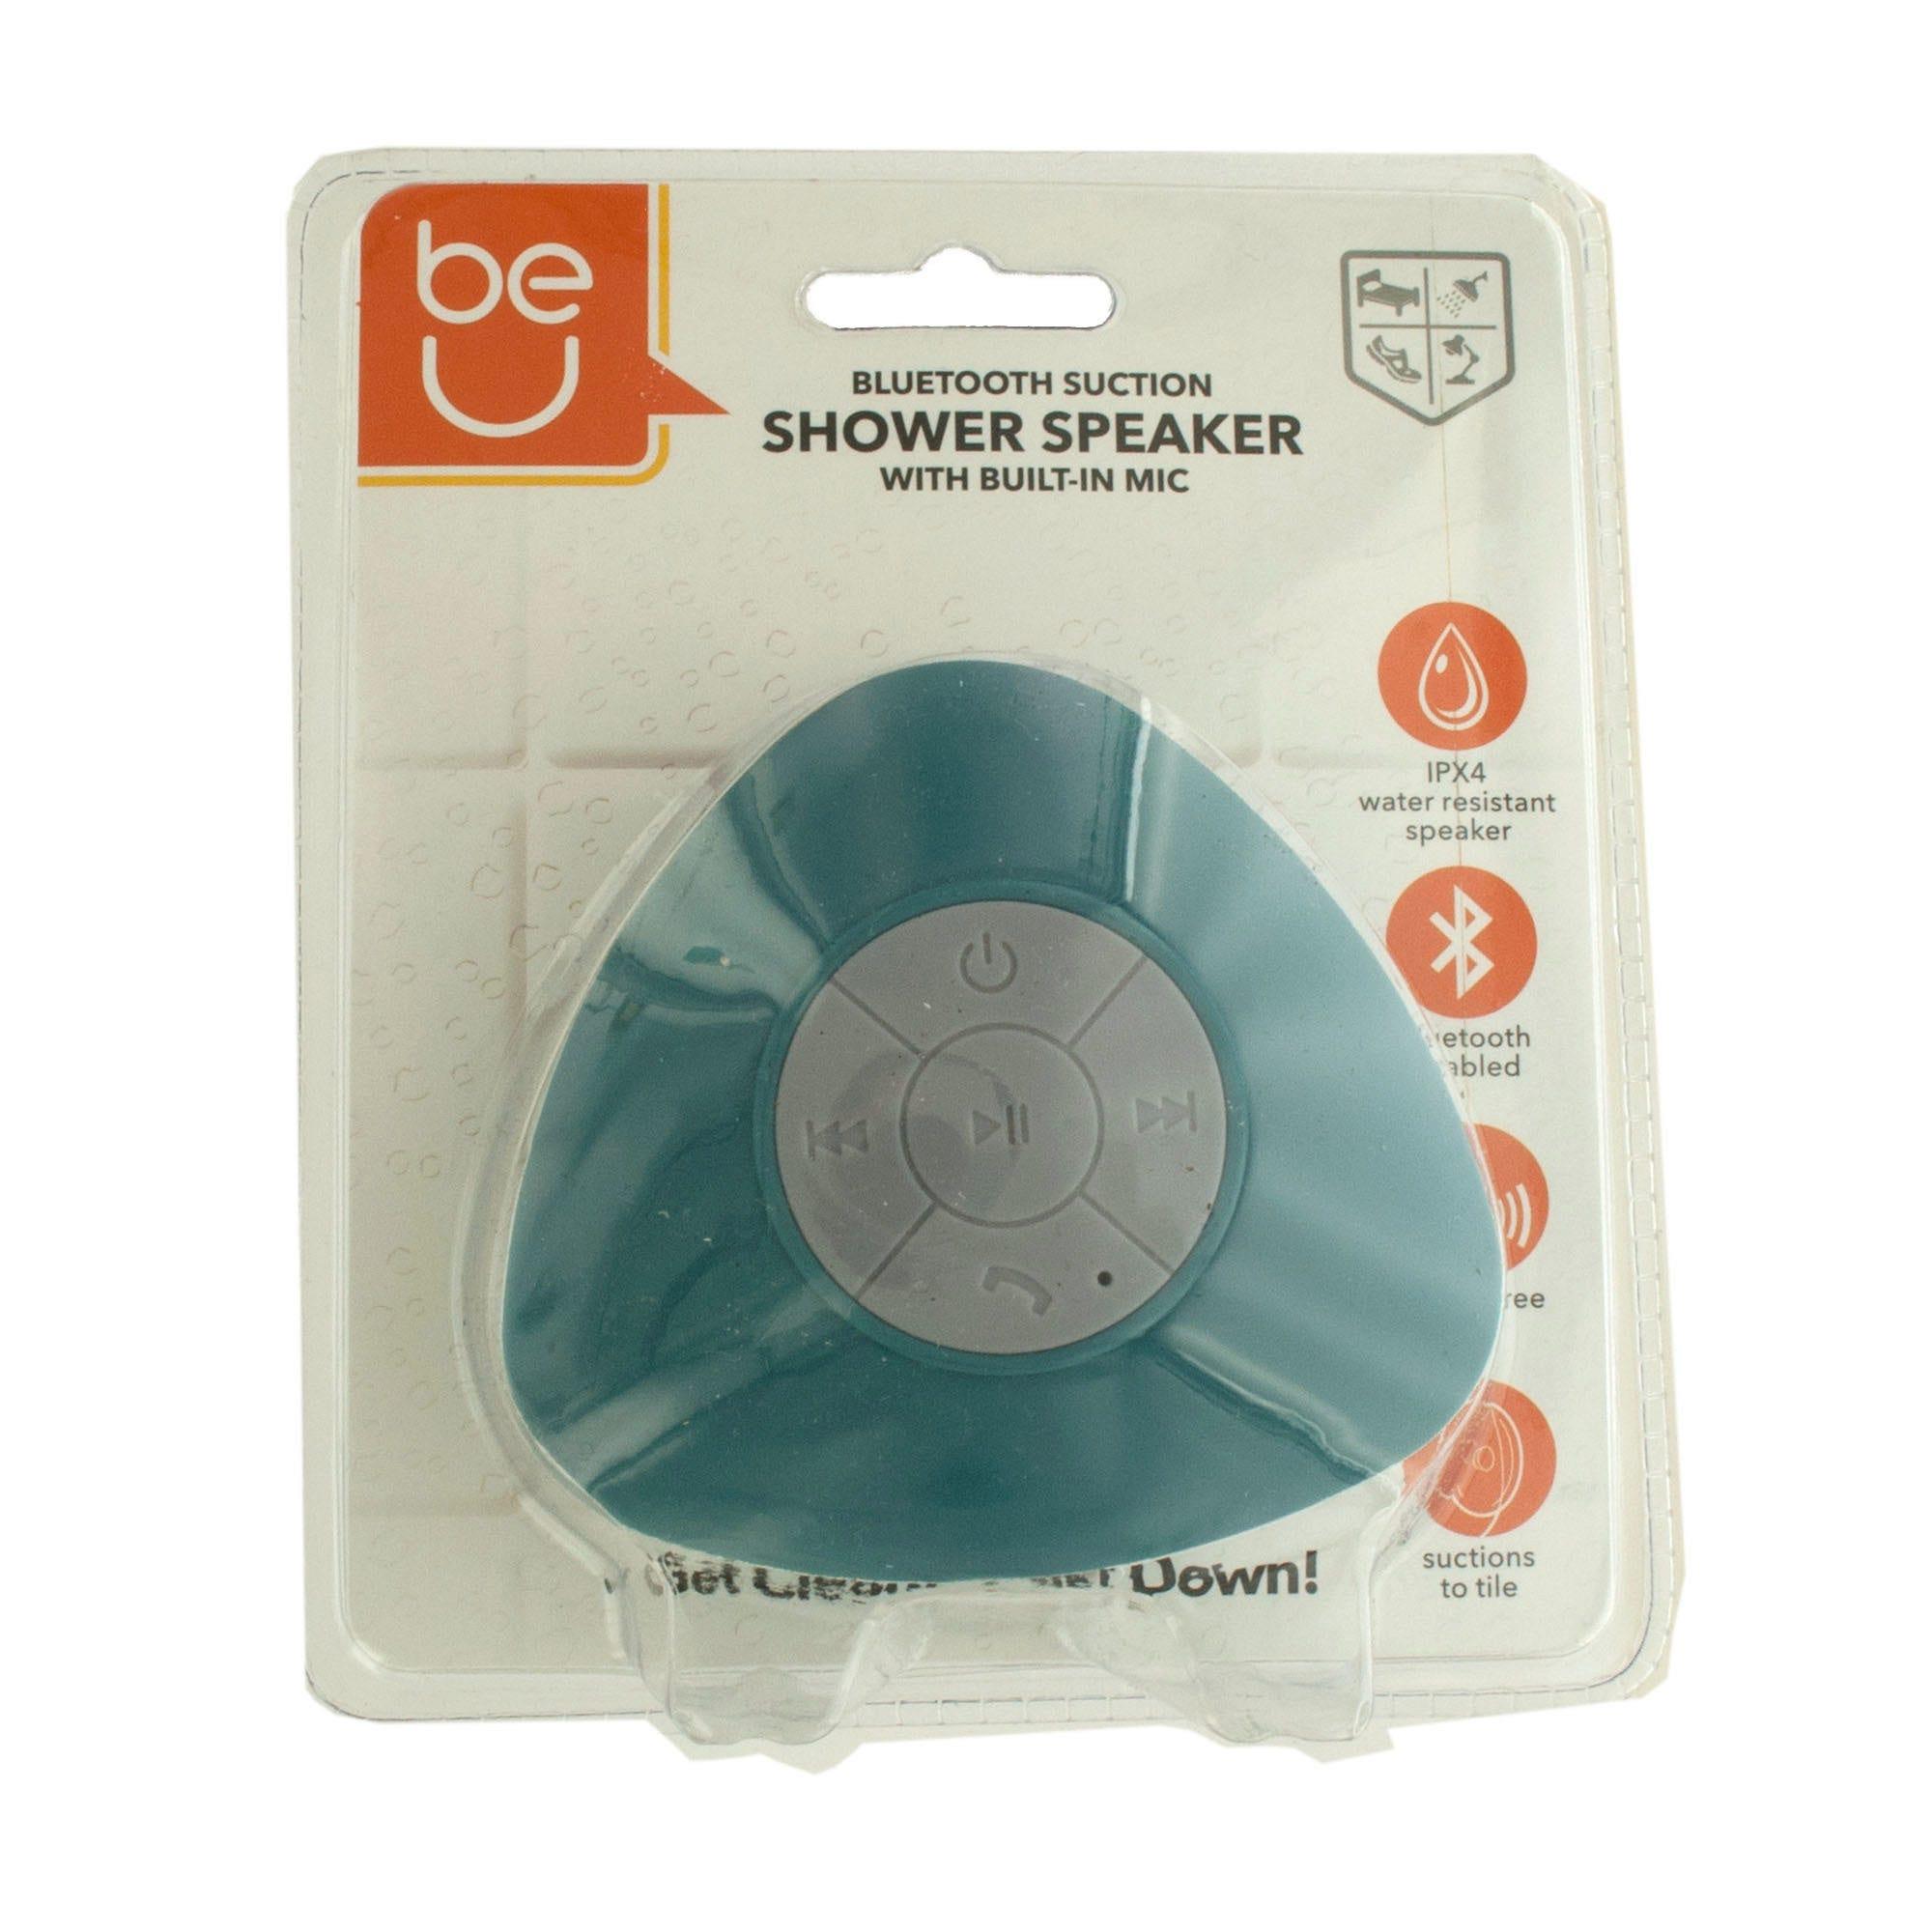 Be U Waterproof Bluetooth Shower Speaker - Turquoise